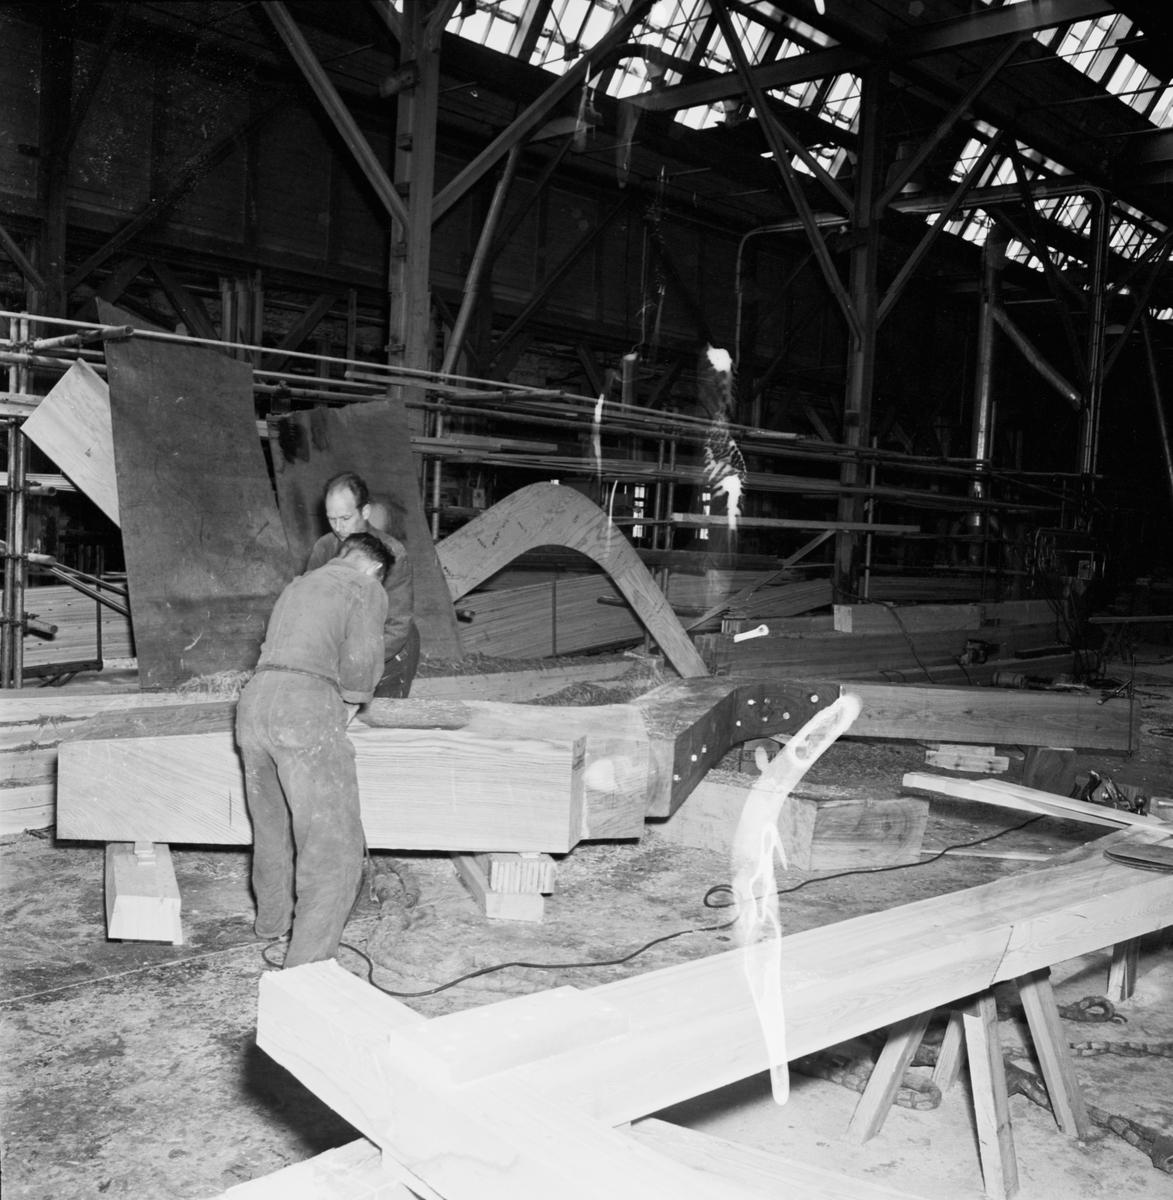 Övrigt: Foto datum: 2/6 1964 Verkstäder och personal. Svetsning i verkstan (Hbg-utställn)